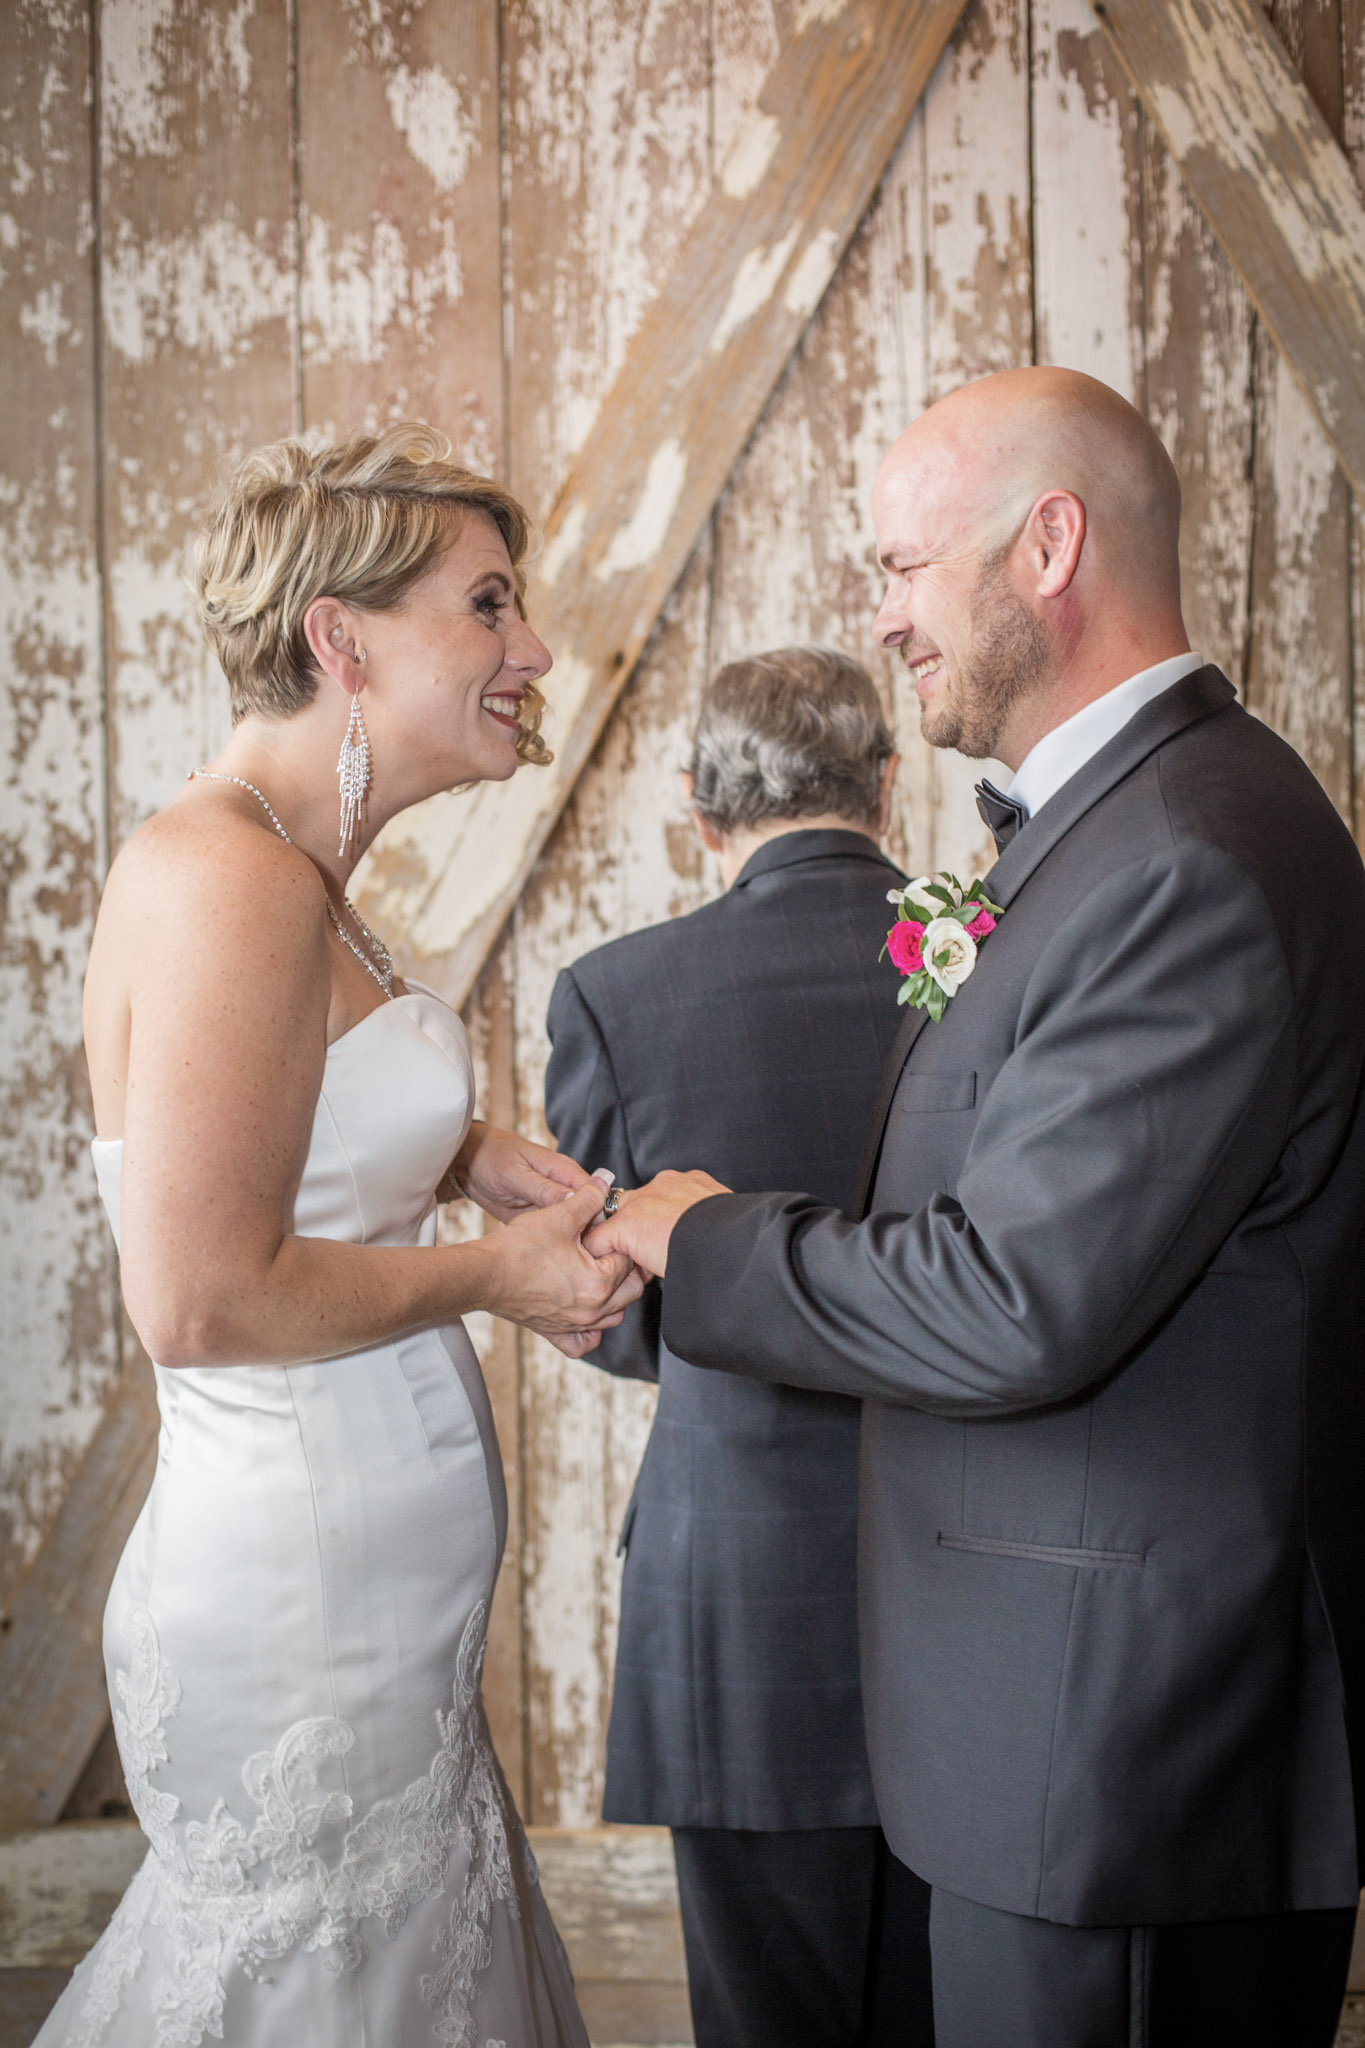 Kansas+City-Small+Wedding-Elope_Intimate_Ceremony_Melanie+David-7.jpg